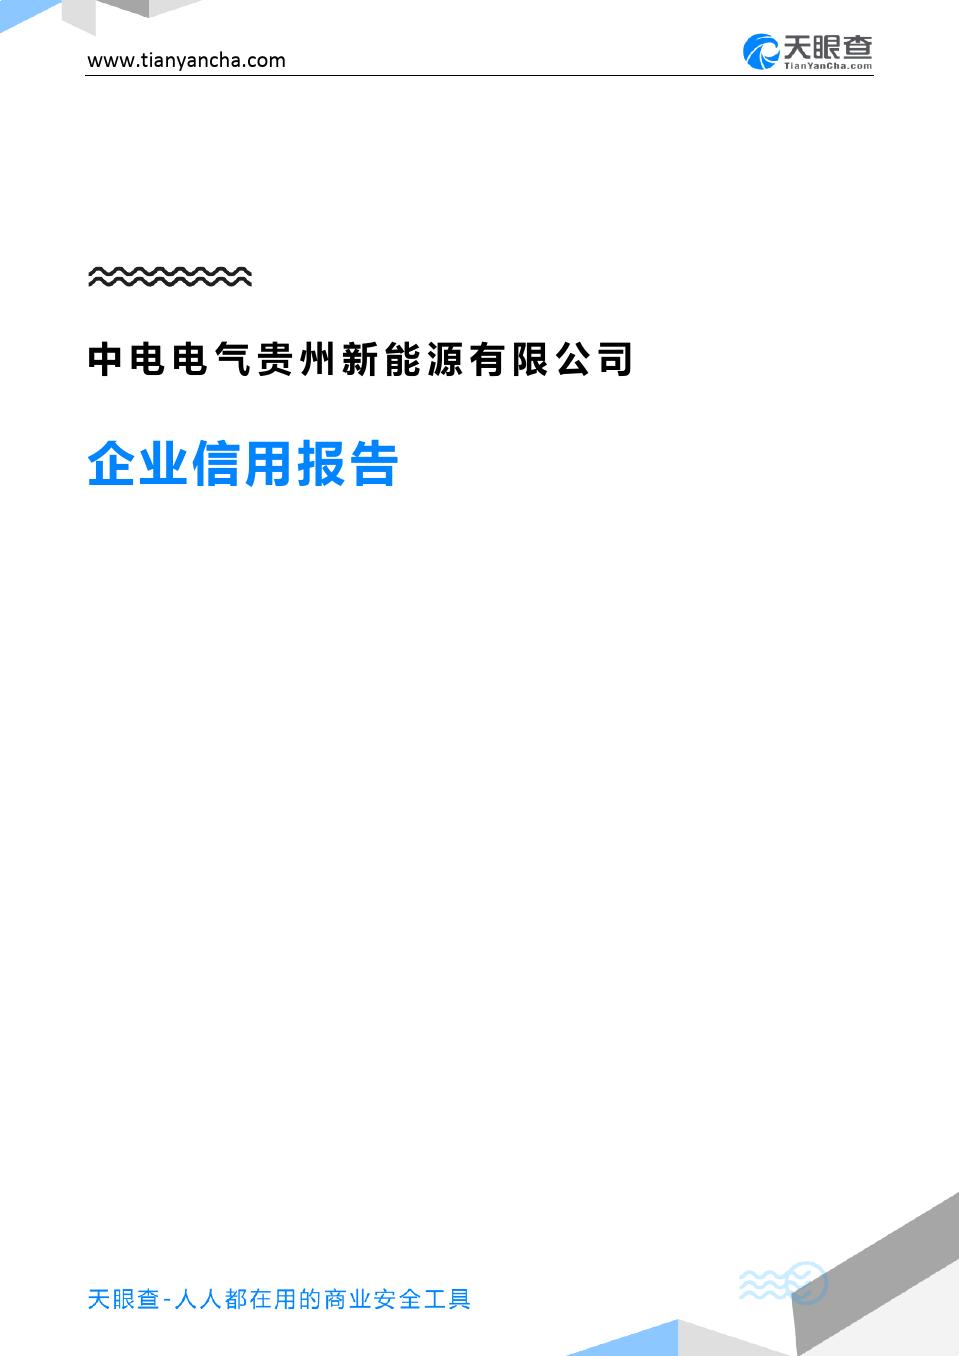 中电电气贵州新能源有限公司(企业信用报告)- 天眼查